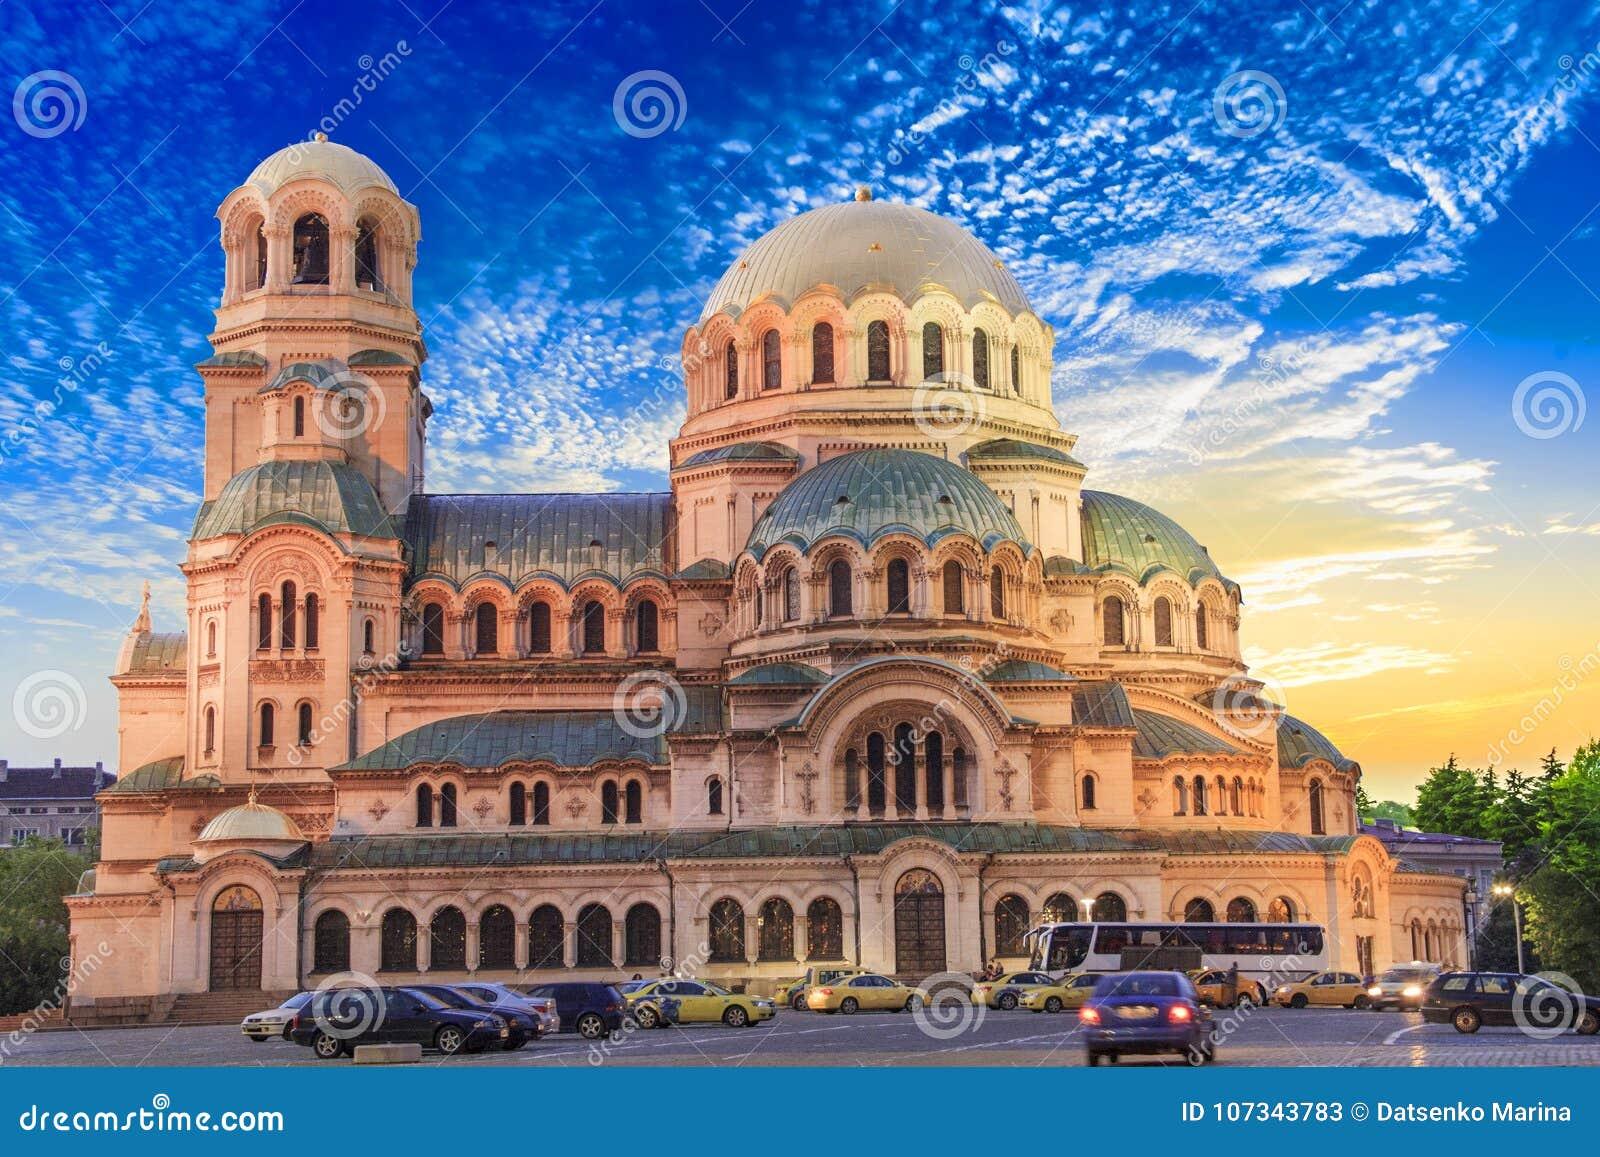 Una hermosa vista de Alexander Nevsky Cathedral en Sofía, Bulgaria